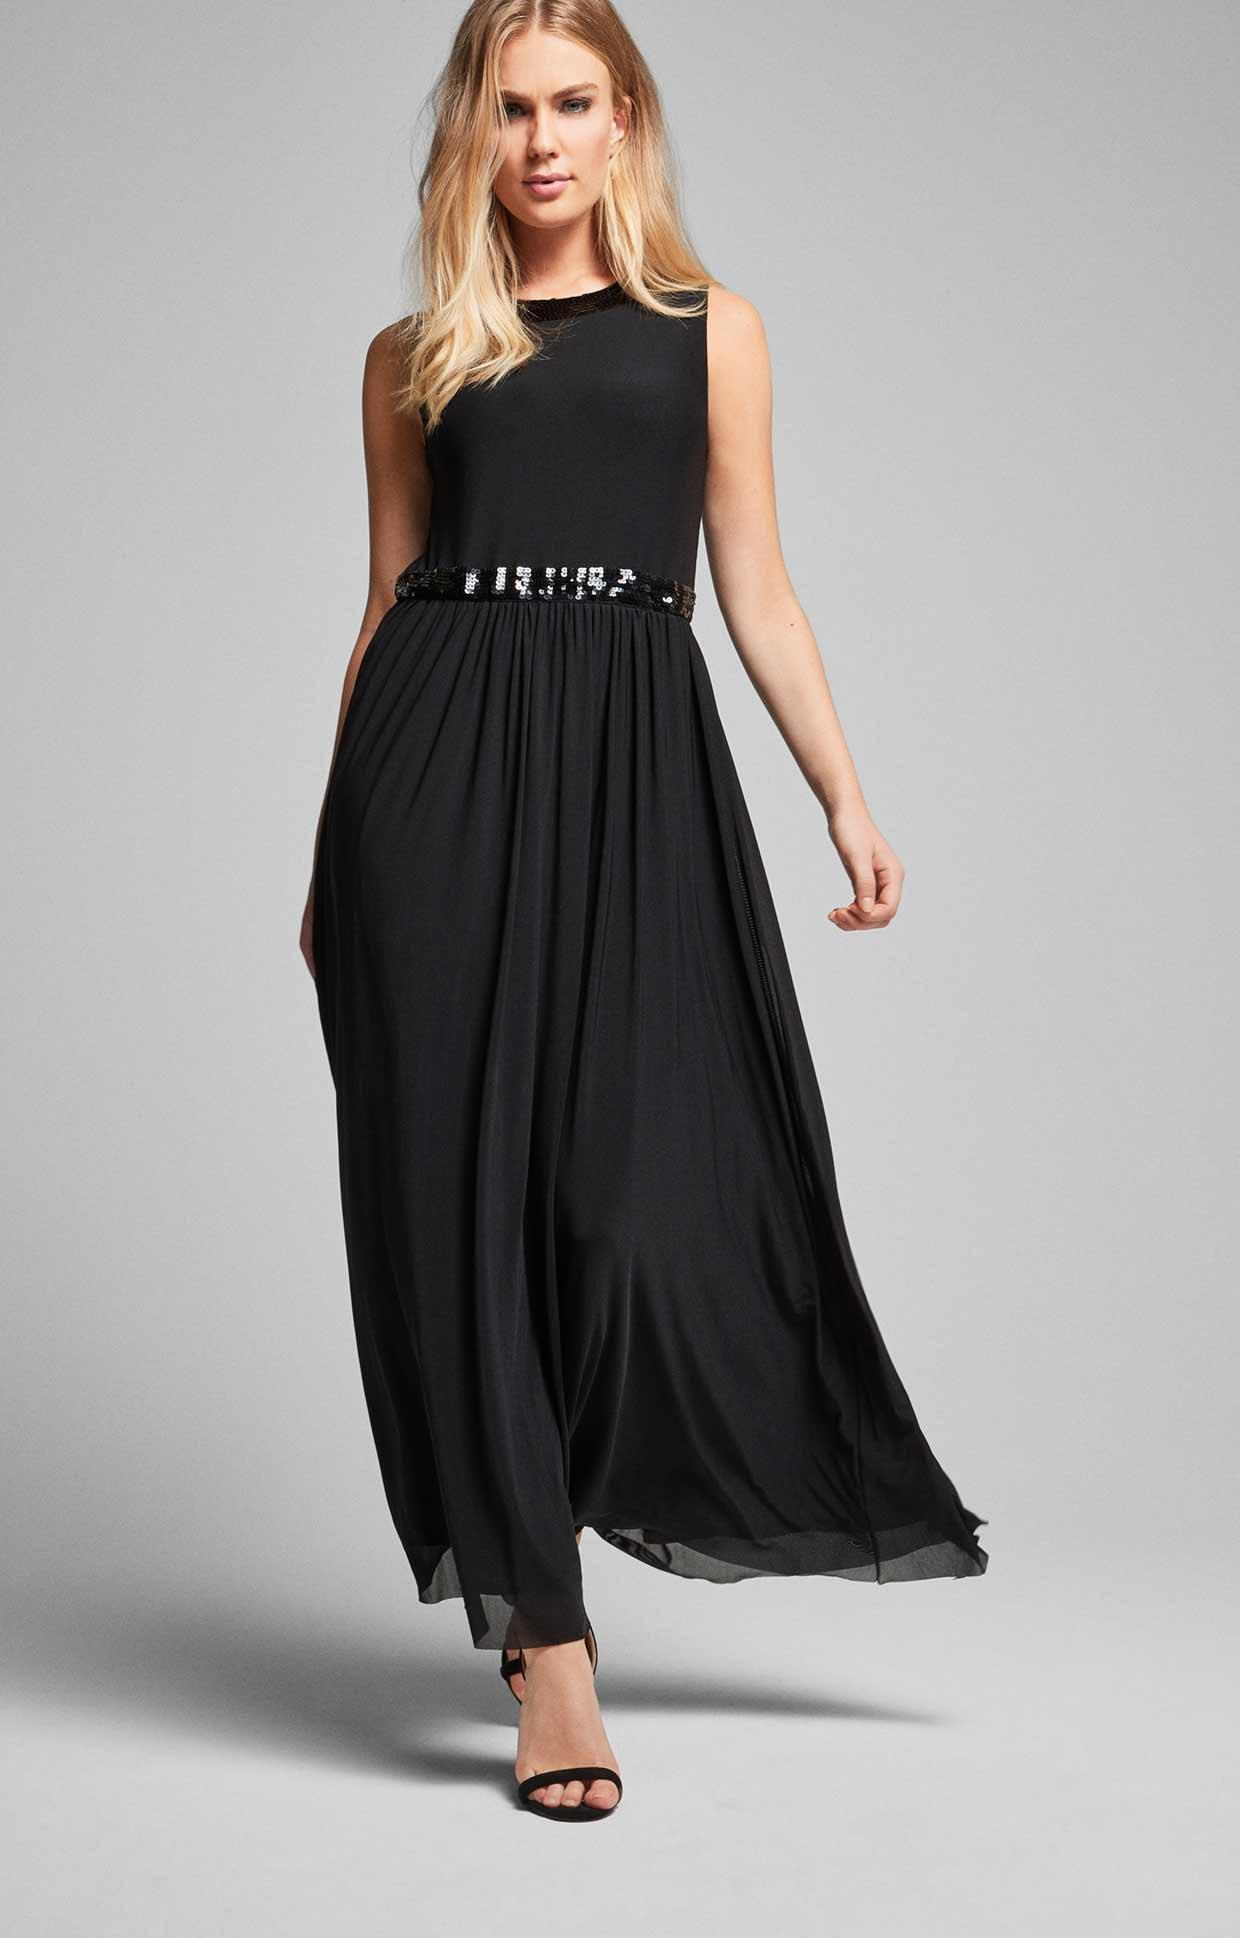 Abend Einzigartig Kleid Für Abend Galerie Cool Kleid Für Abend Bester Preis